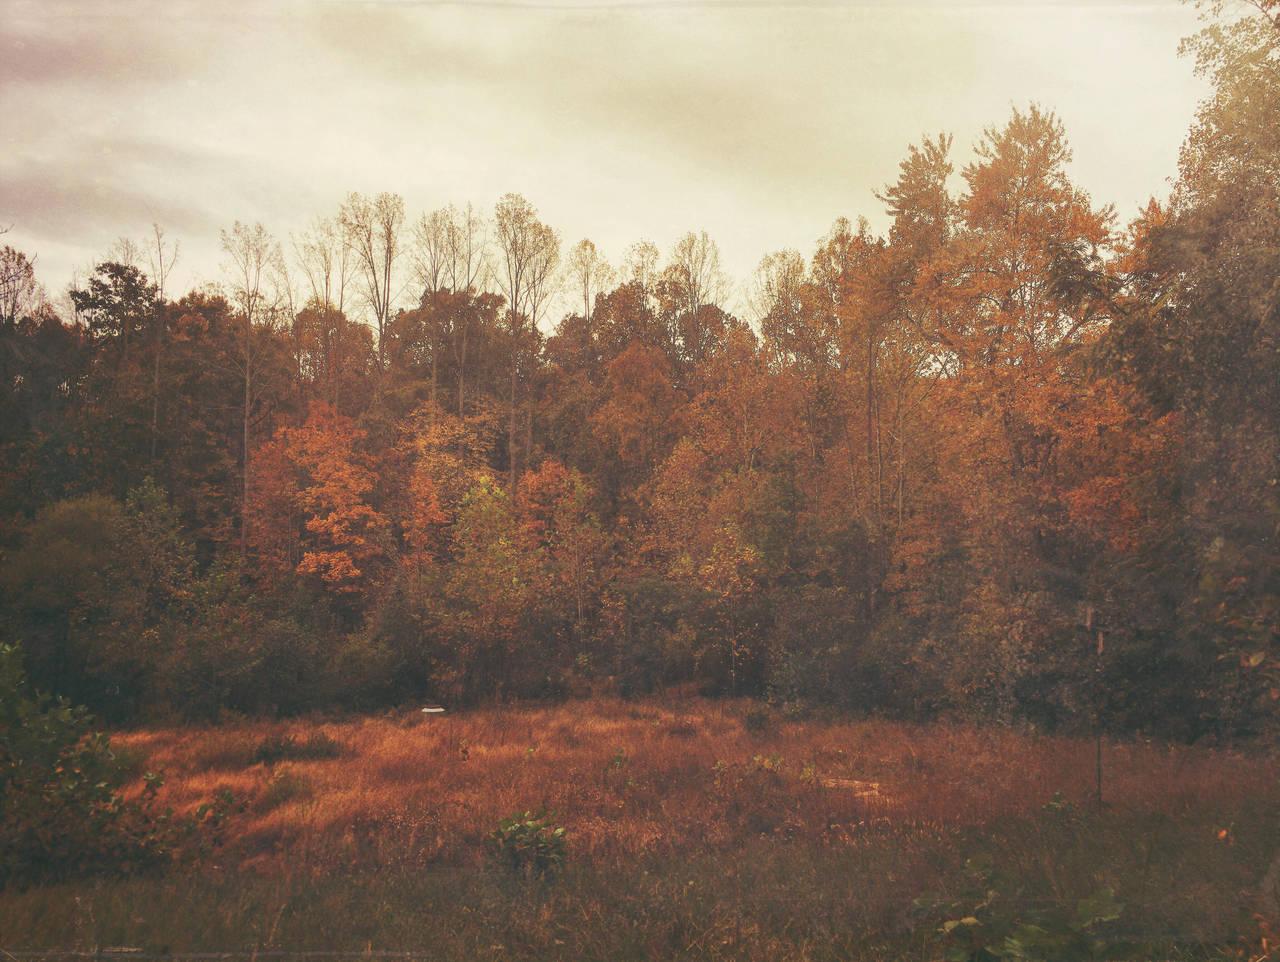 Indian Summer | Charlottesville, VA | 2016.11.1 by jarsonic